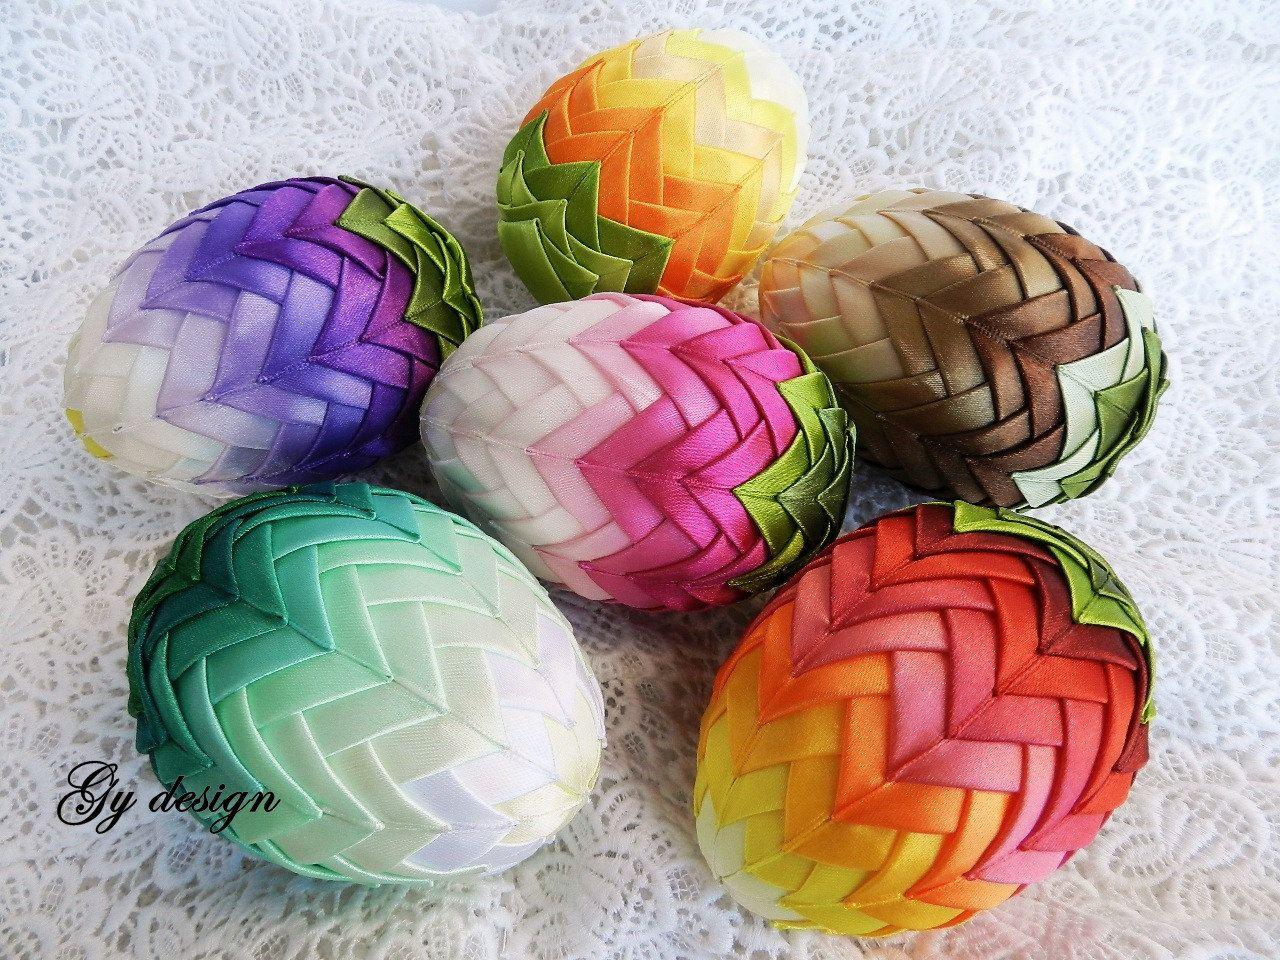 Popular items for easter eggs on Etsy | Easter | Pinterest ... - photo#45